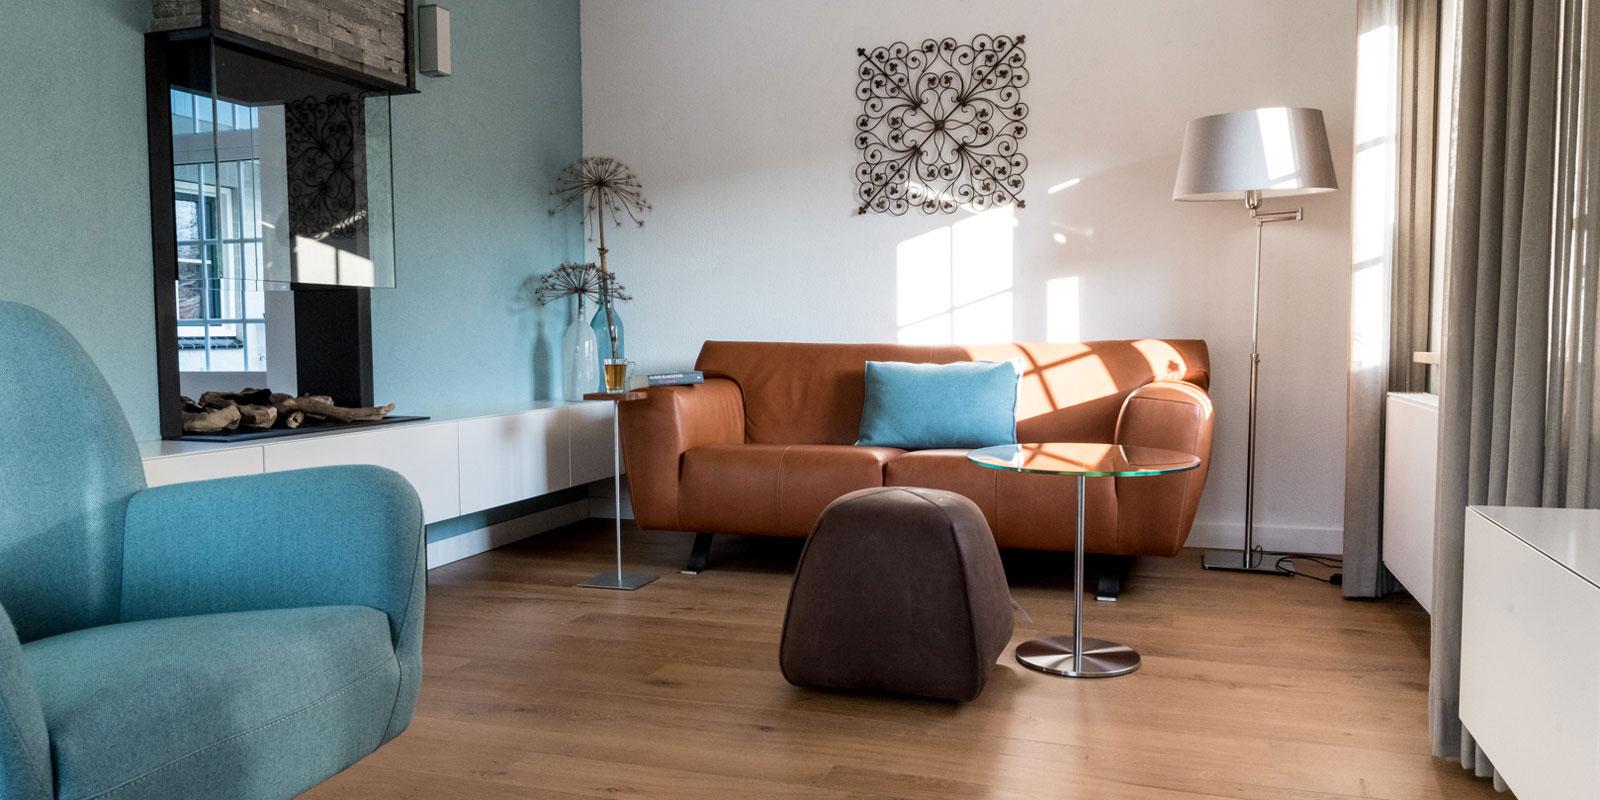 Woonkamer, living, kleu, houten vloer, bank, Metamorfose interieur | MarStyling | Van Oort Interieurs